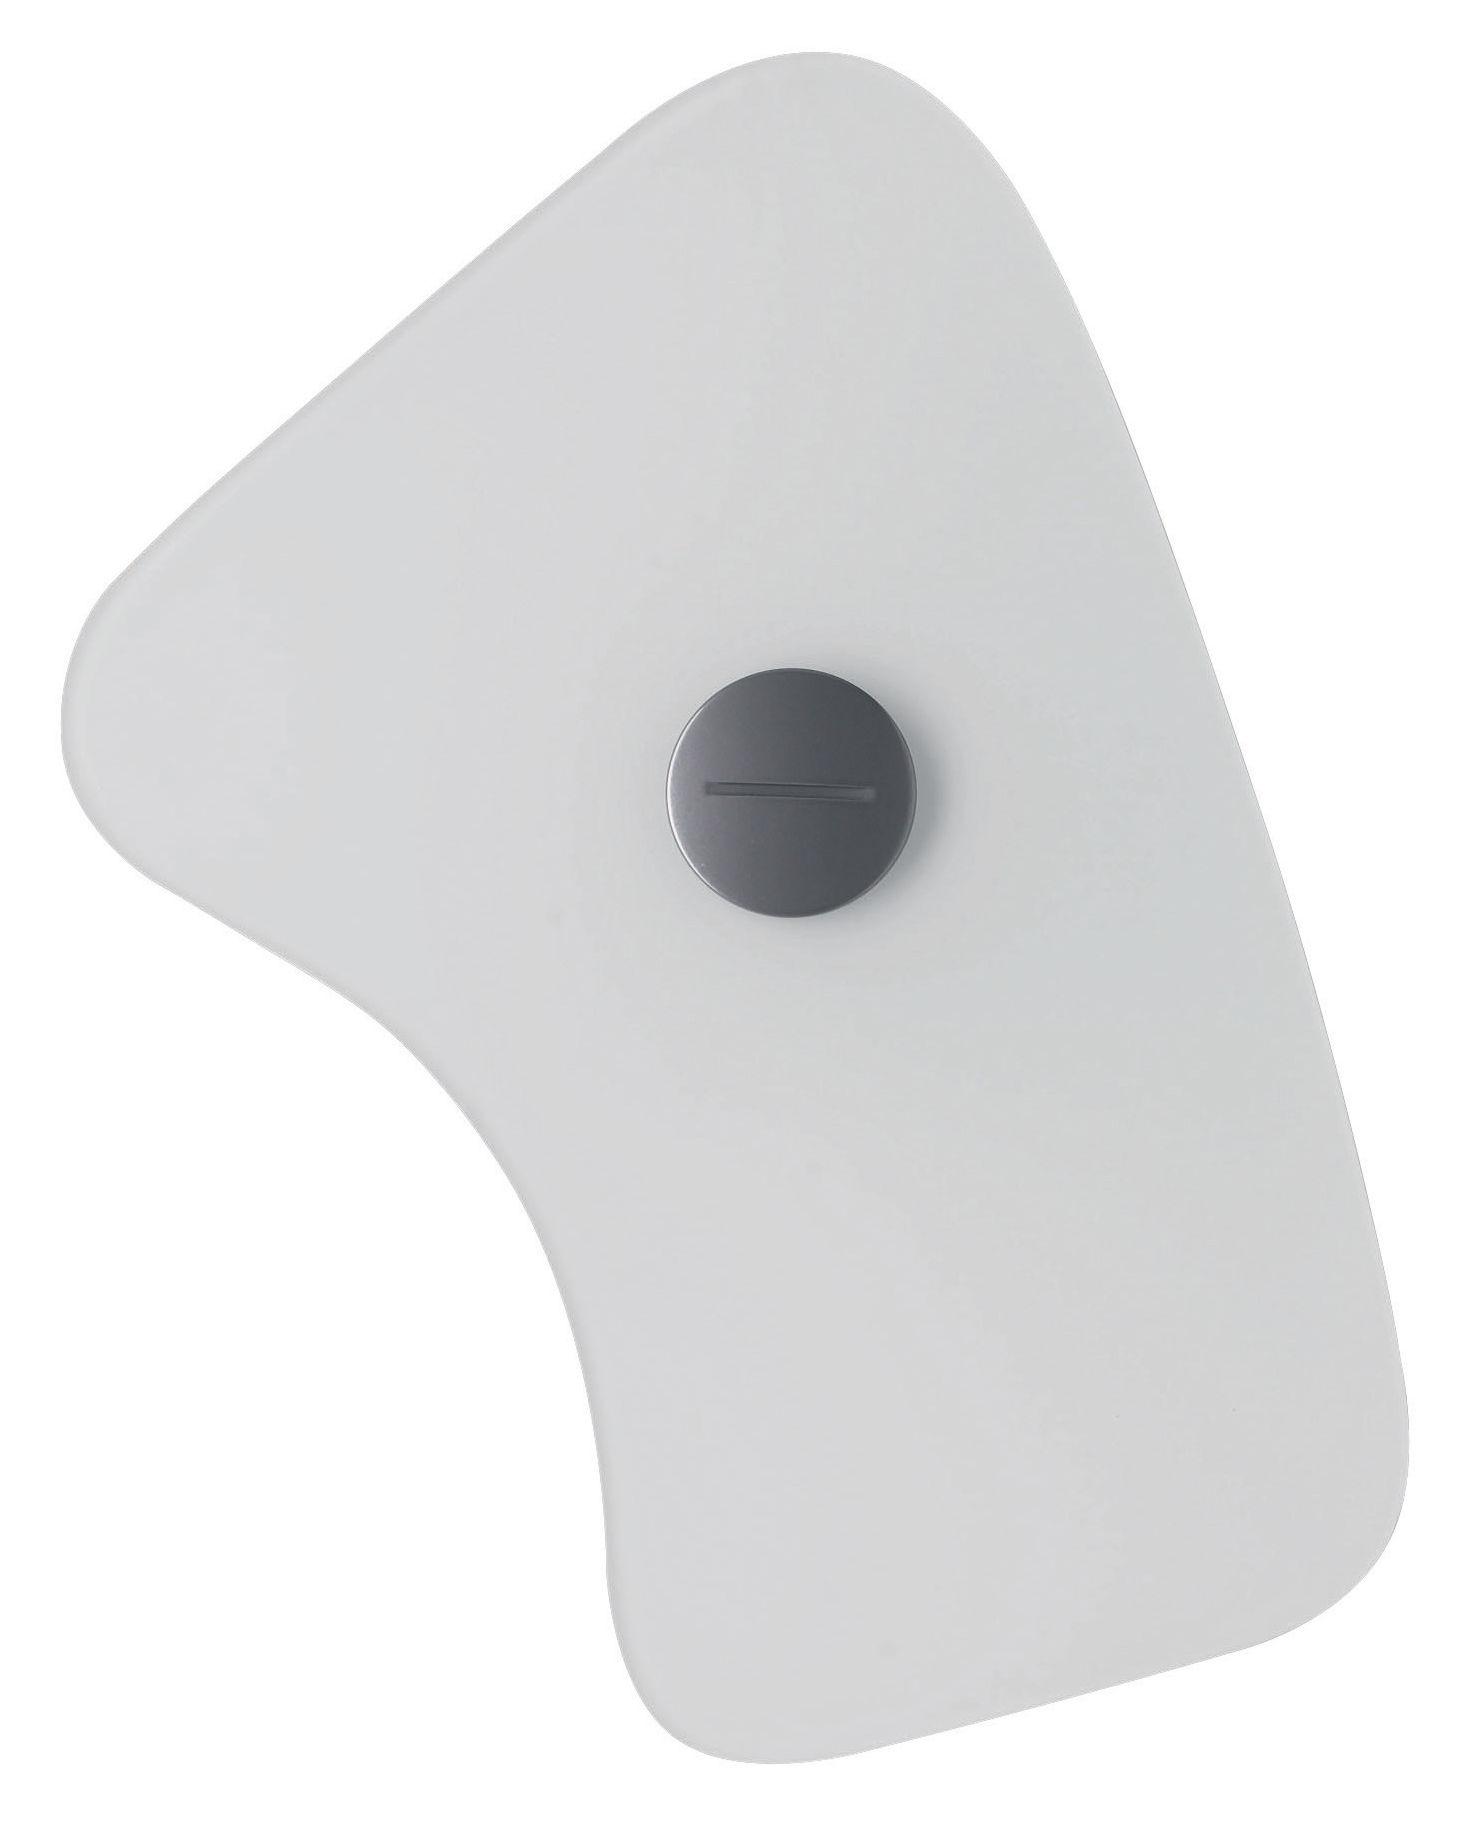 Luminaire - Appliques - Applique avec prise Bit 5 - Foscarini - Blanc - Métal, Verre